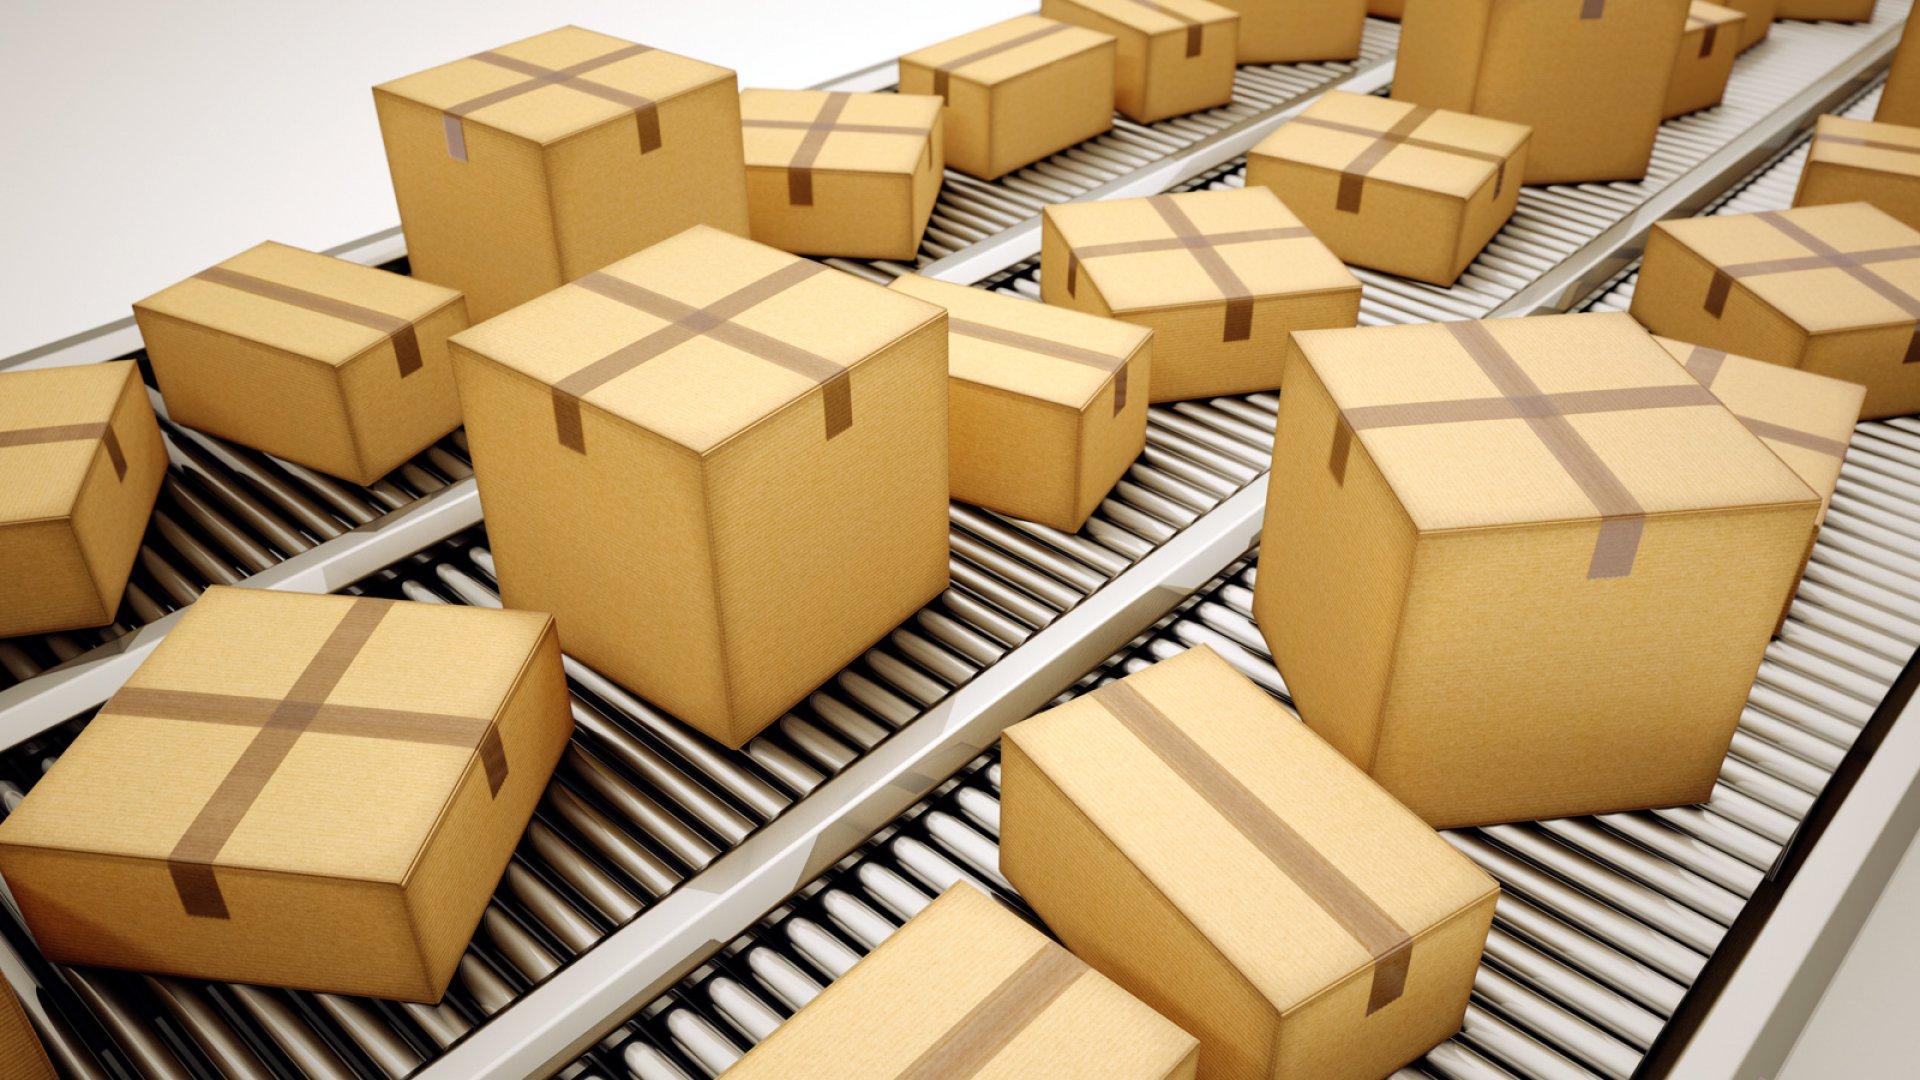 Innovación en packaging: tendencias que definirán el futuro del sector